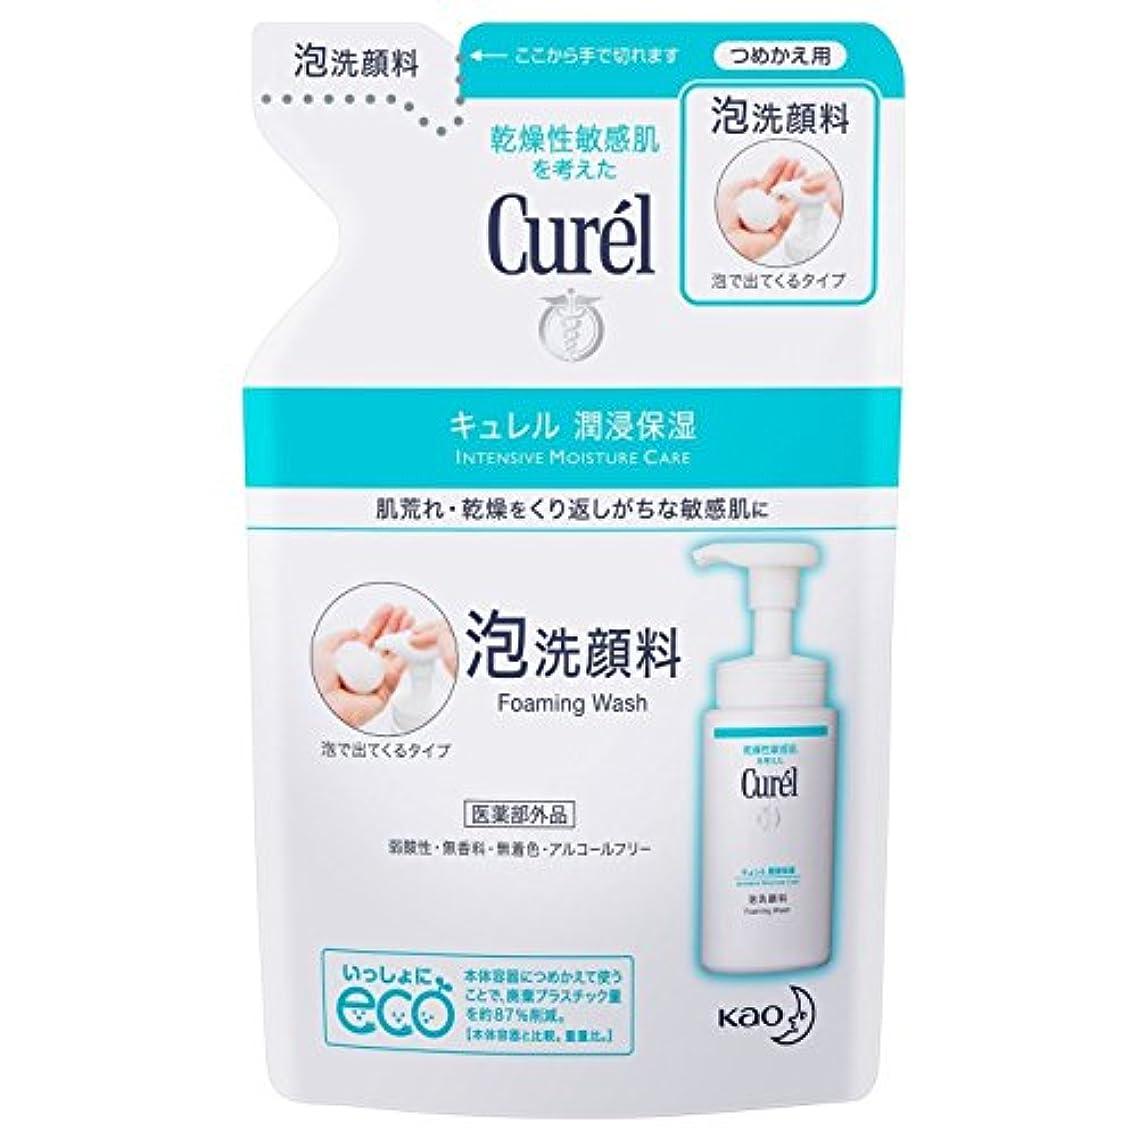 変装ペパーミント刺す【花王】Curel(キュレル) 泡洗顔料 つめかえ用 130ml ×5個セット